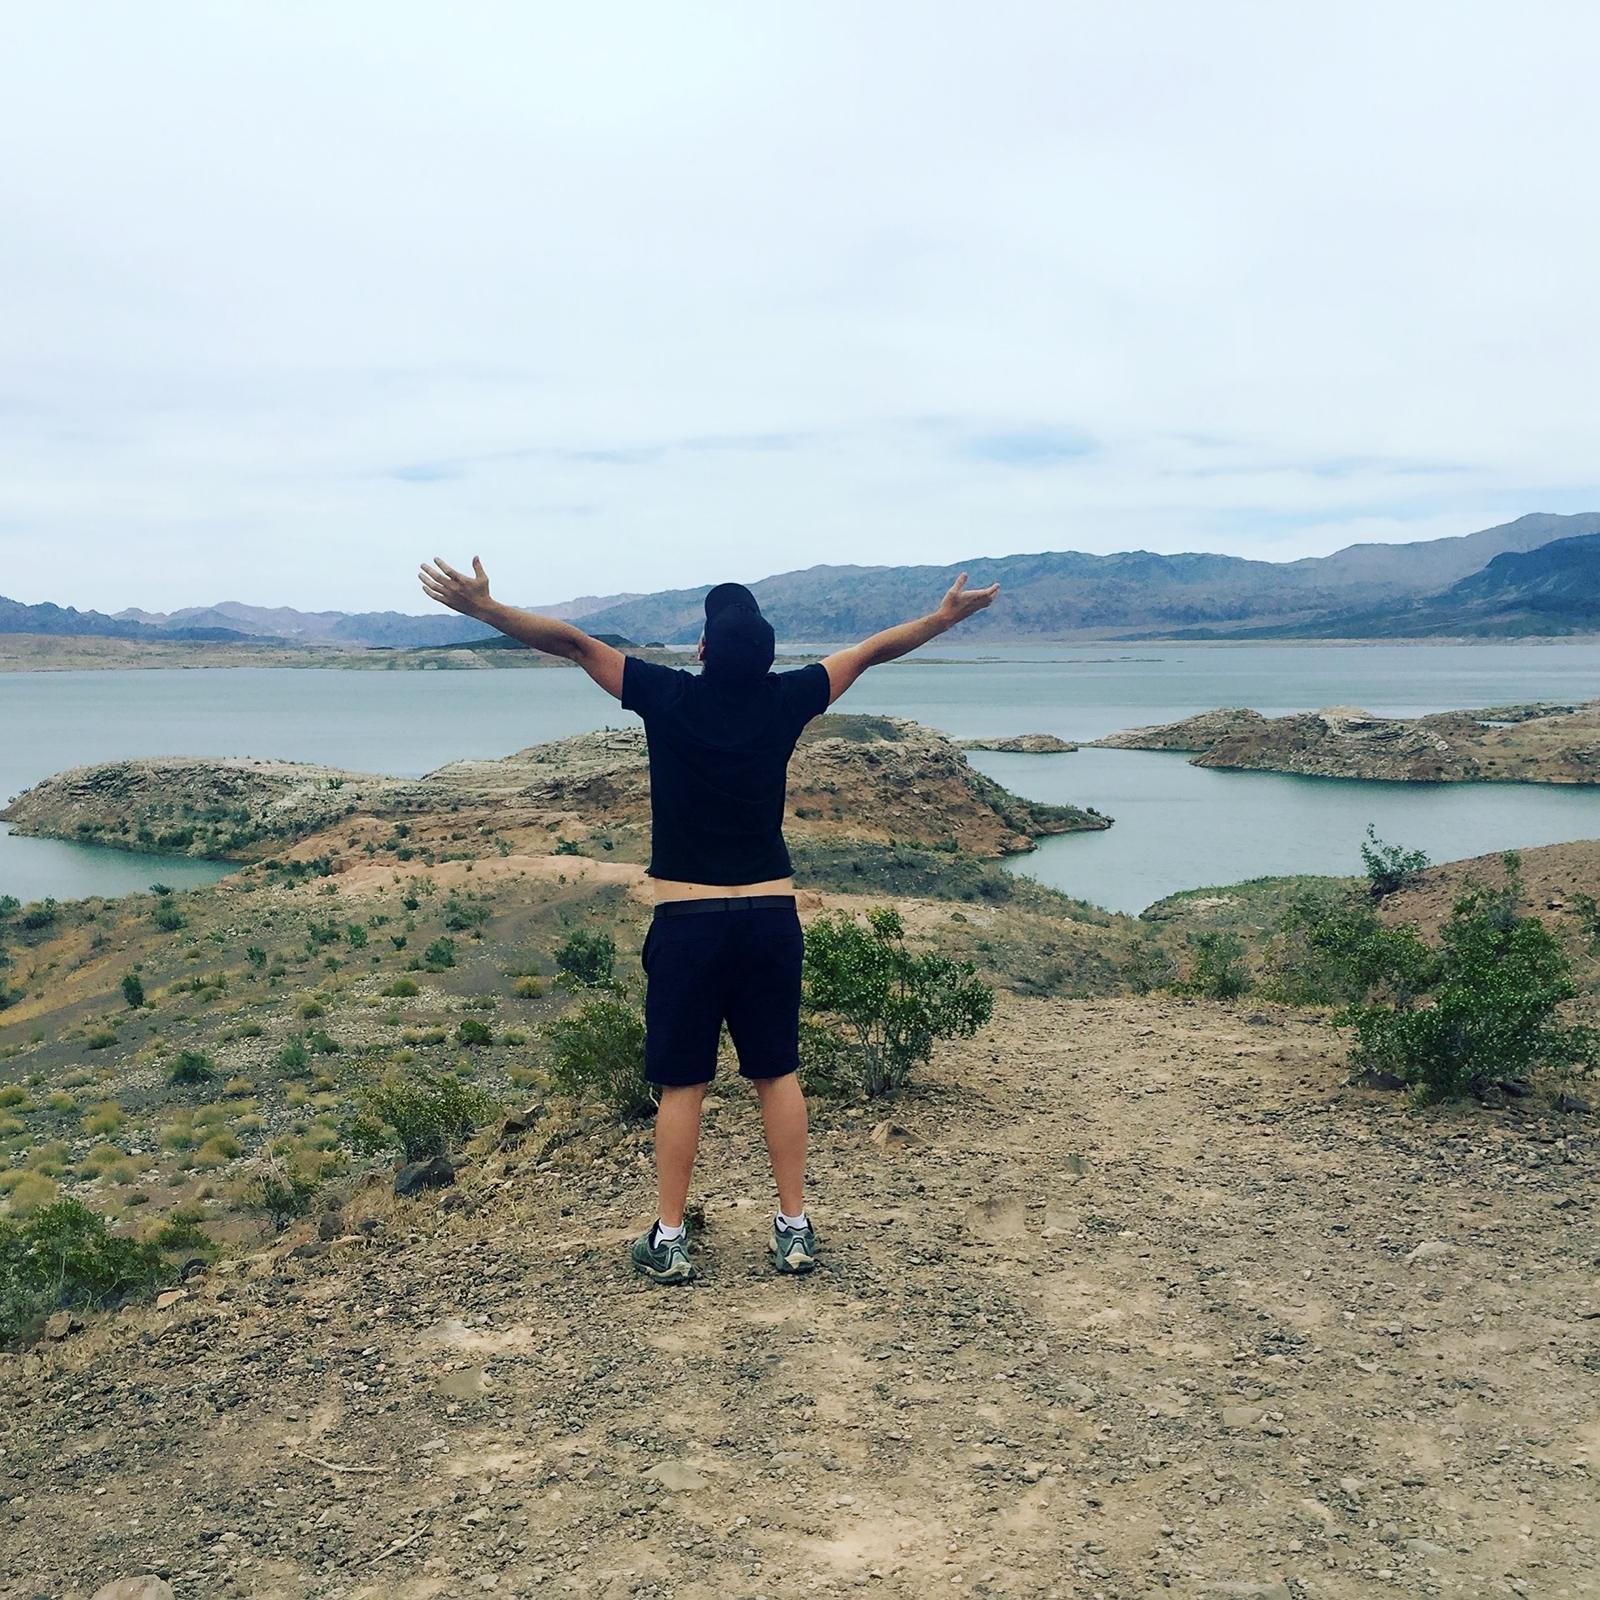 lake mead vegas usa road trip travel blog desert diaries